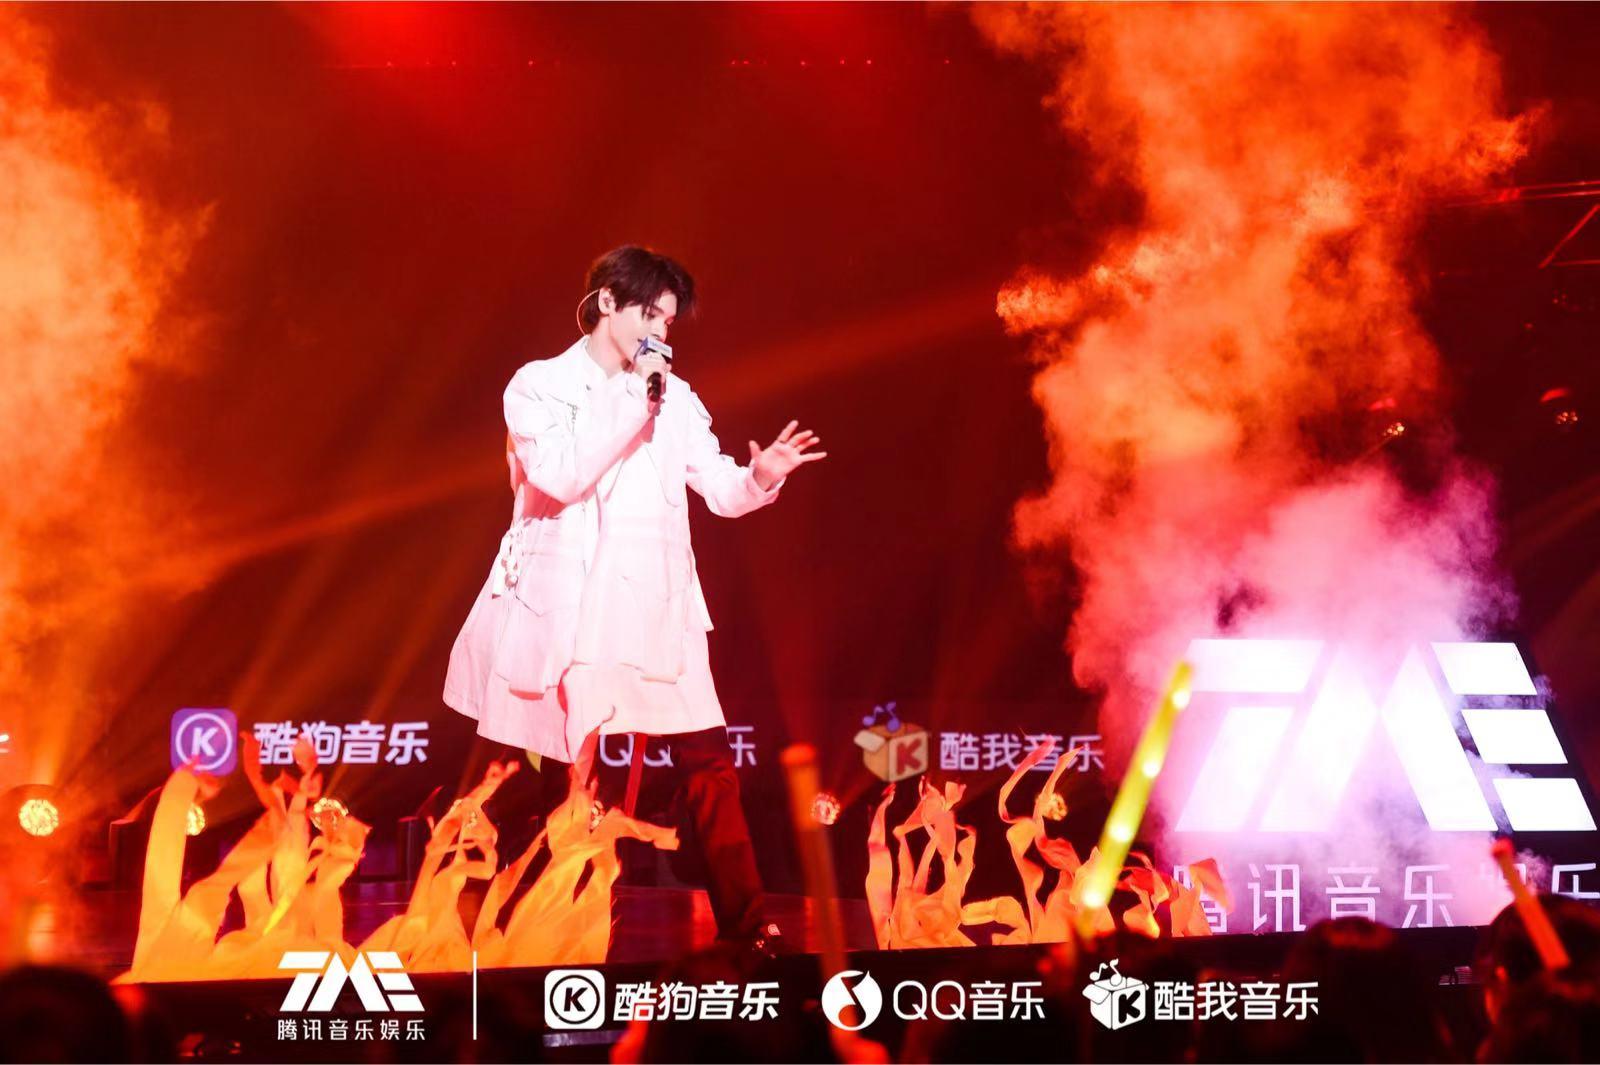 """【周公解梦梦见打死蛇】歌手""""小K""""在京庆祝19岁生日,喊话华晨宇求合"""